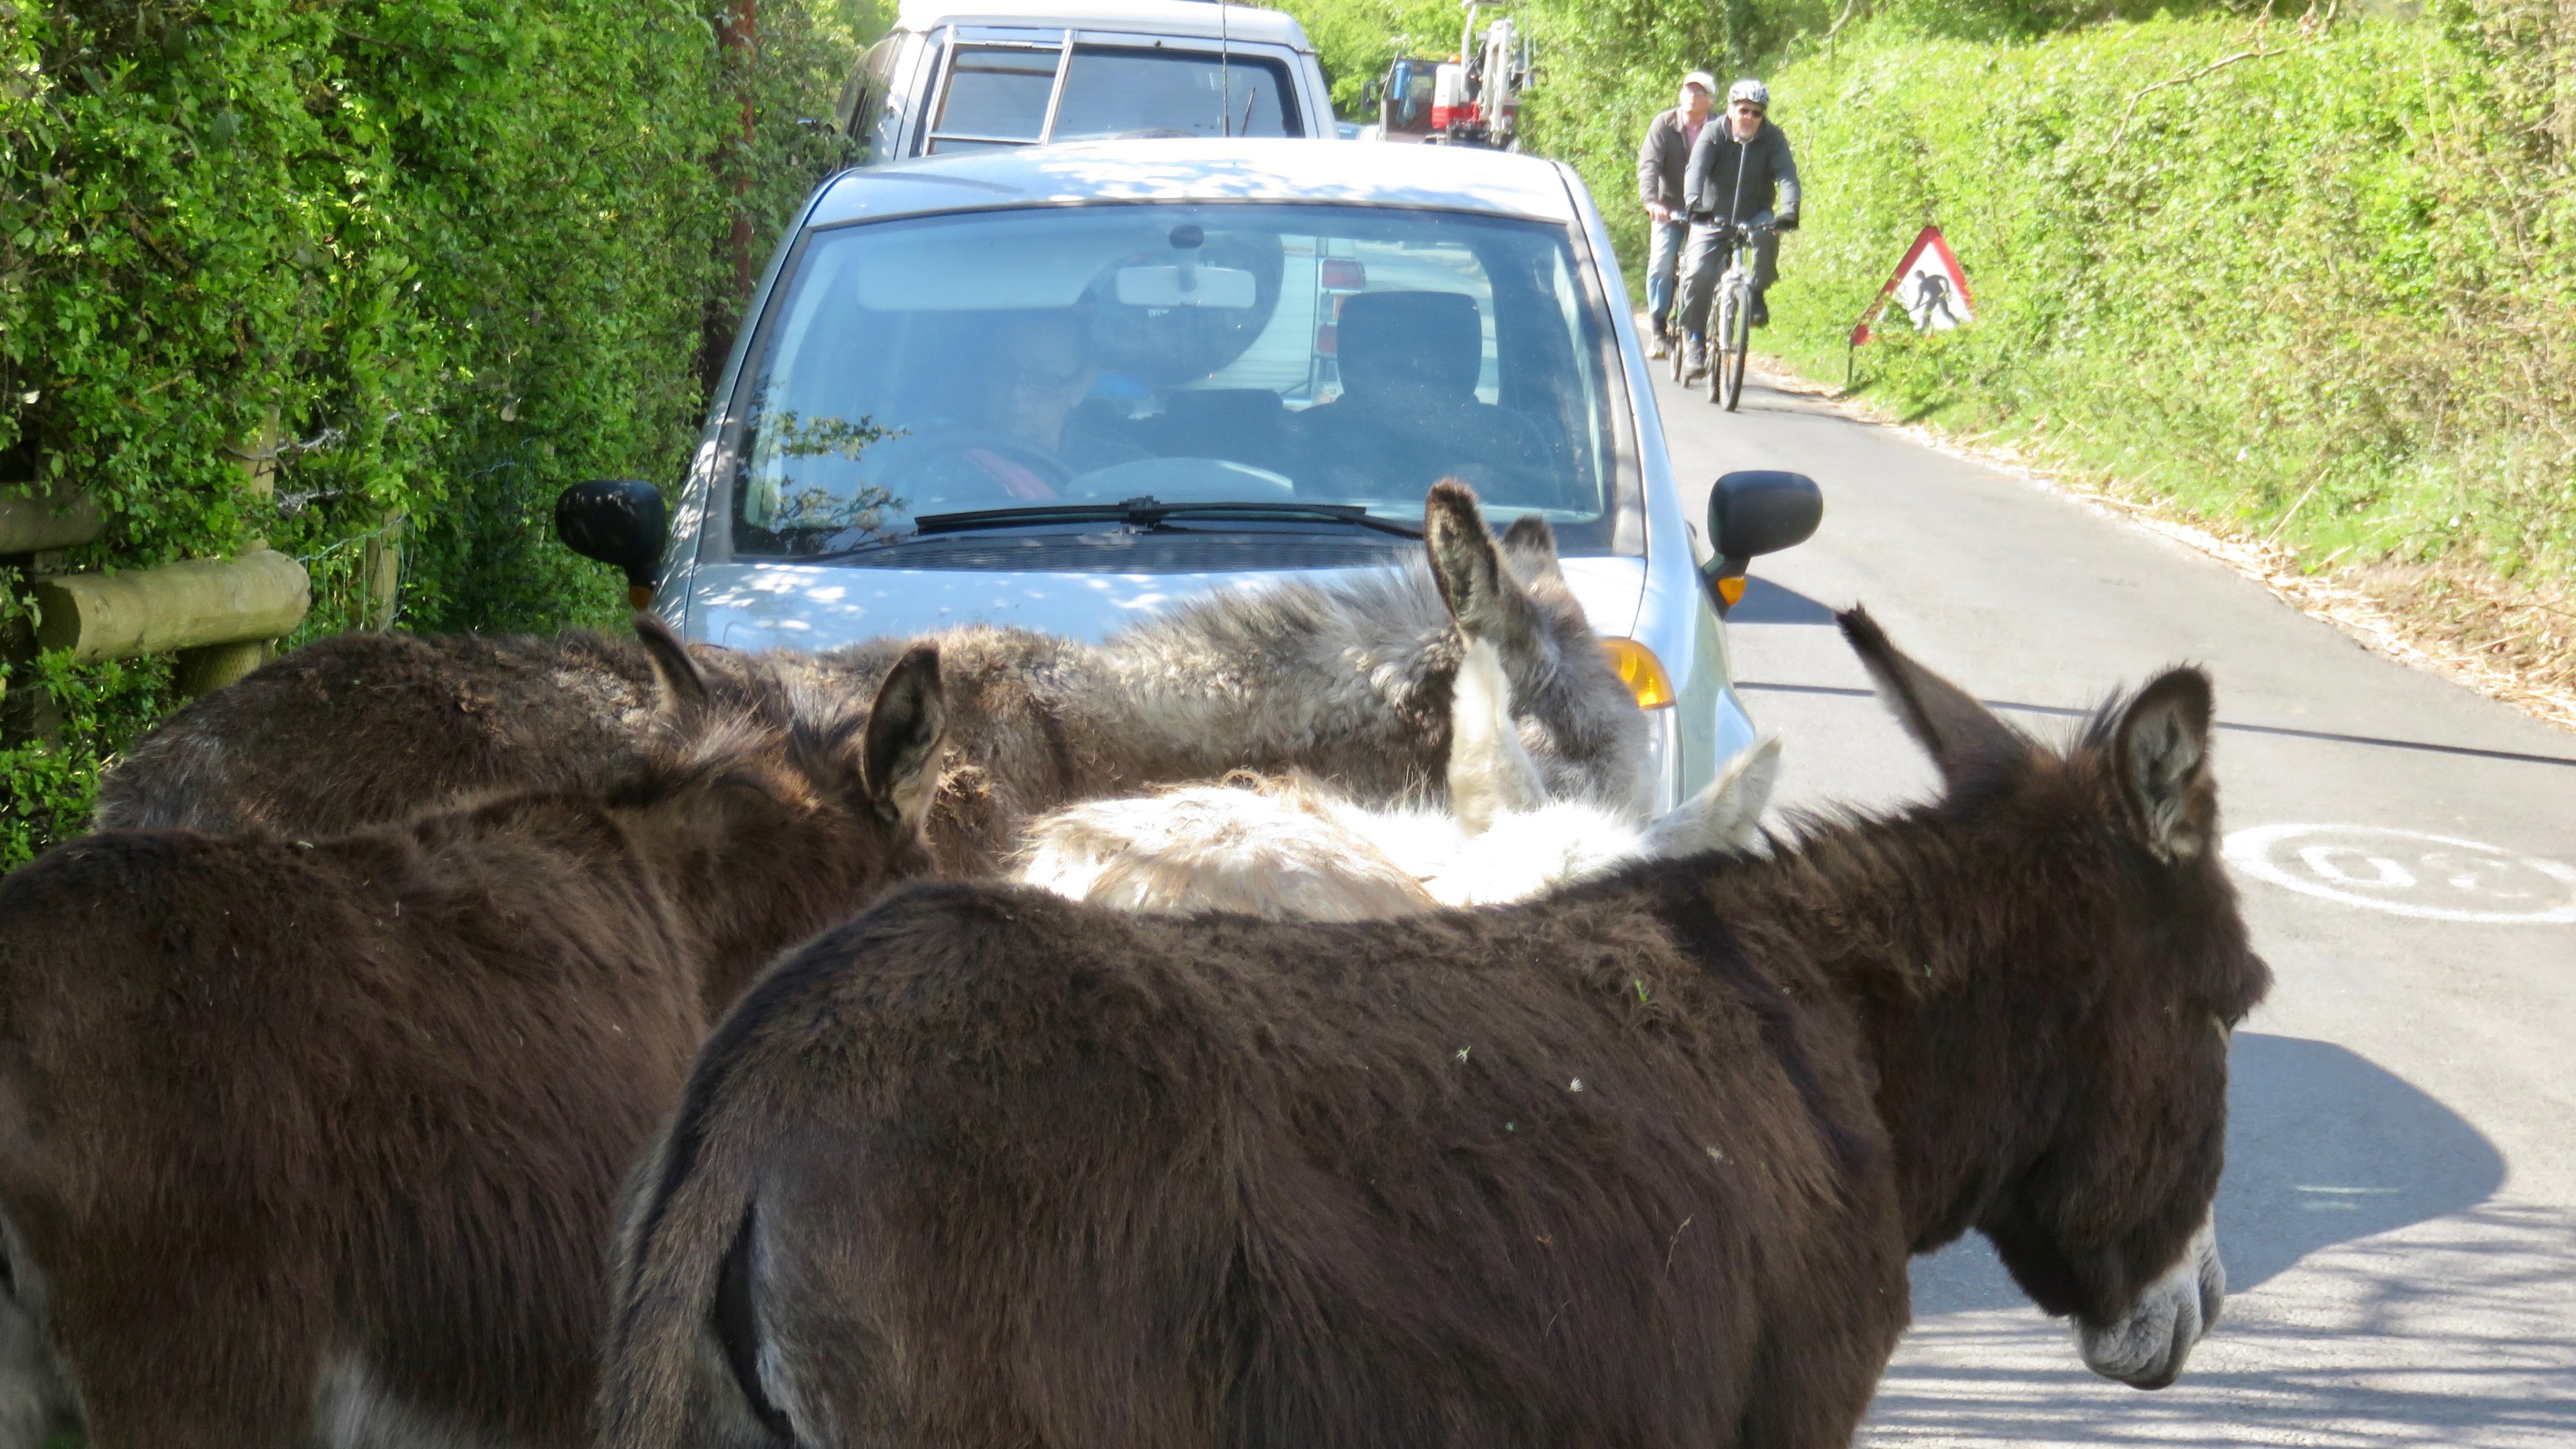 Donkeys on road 2